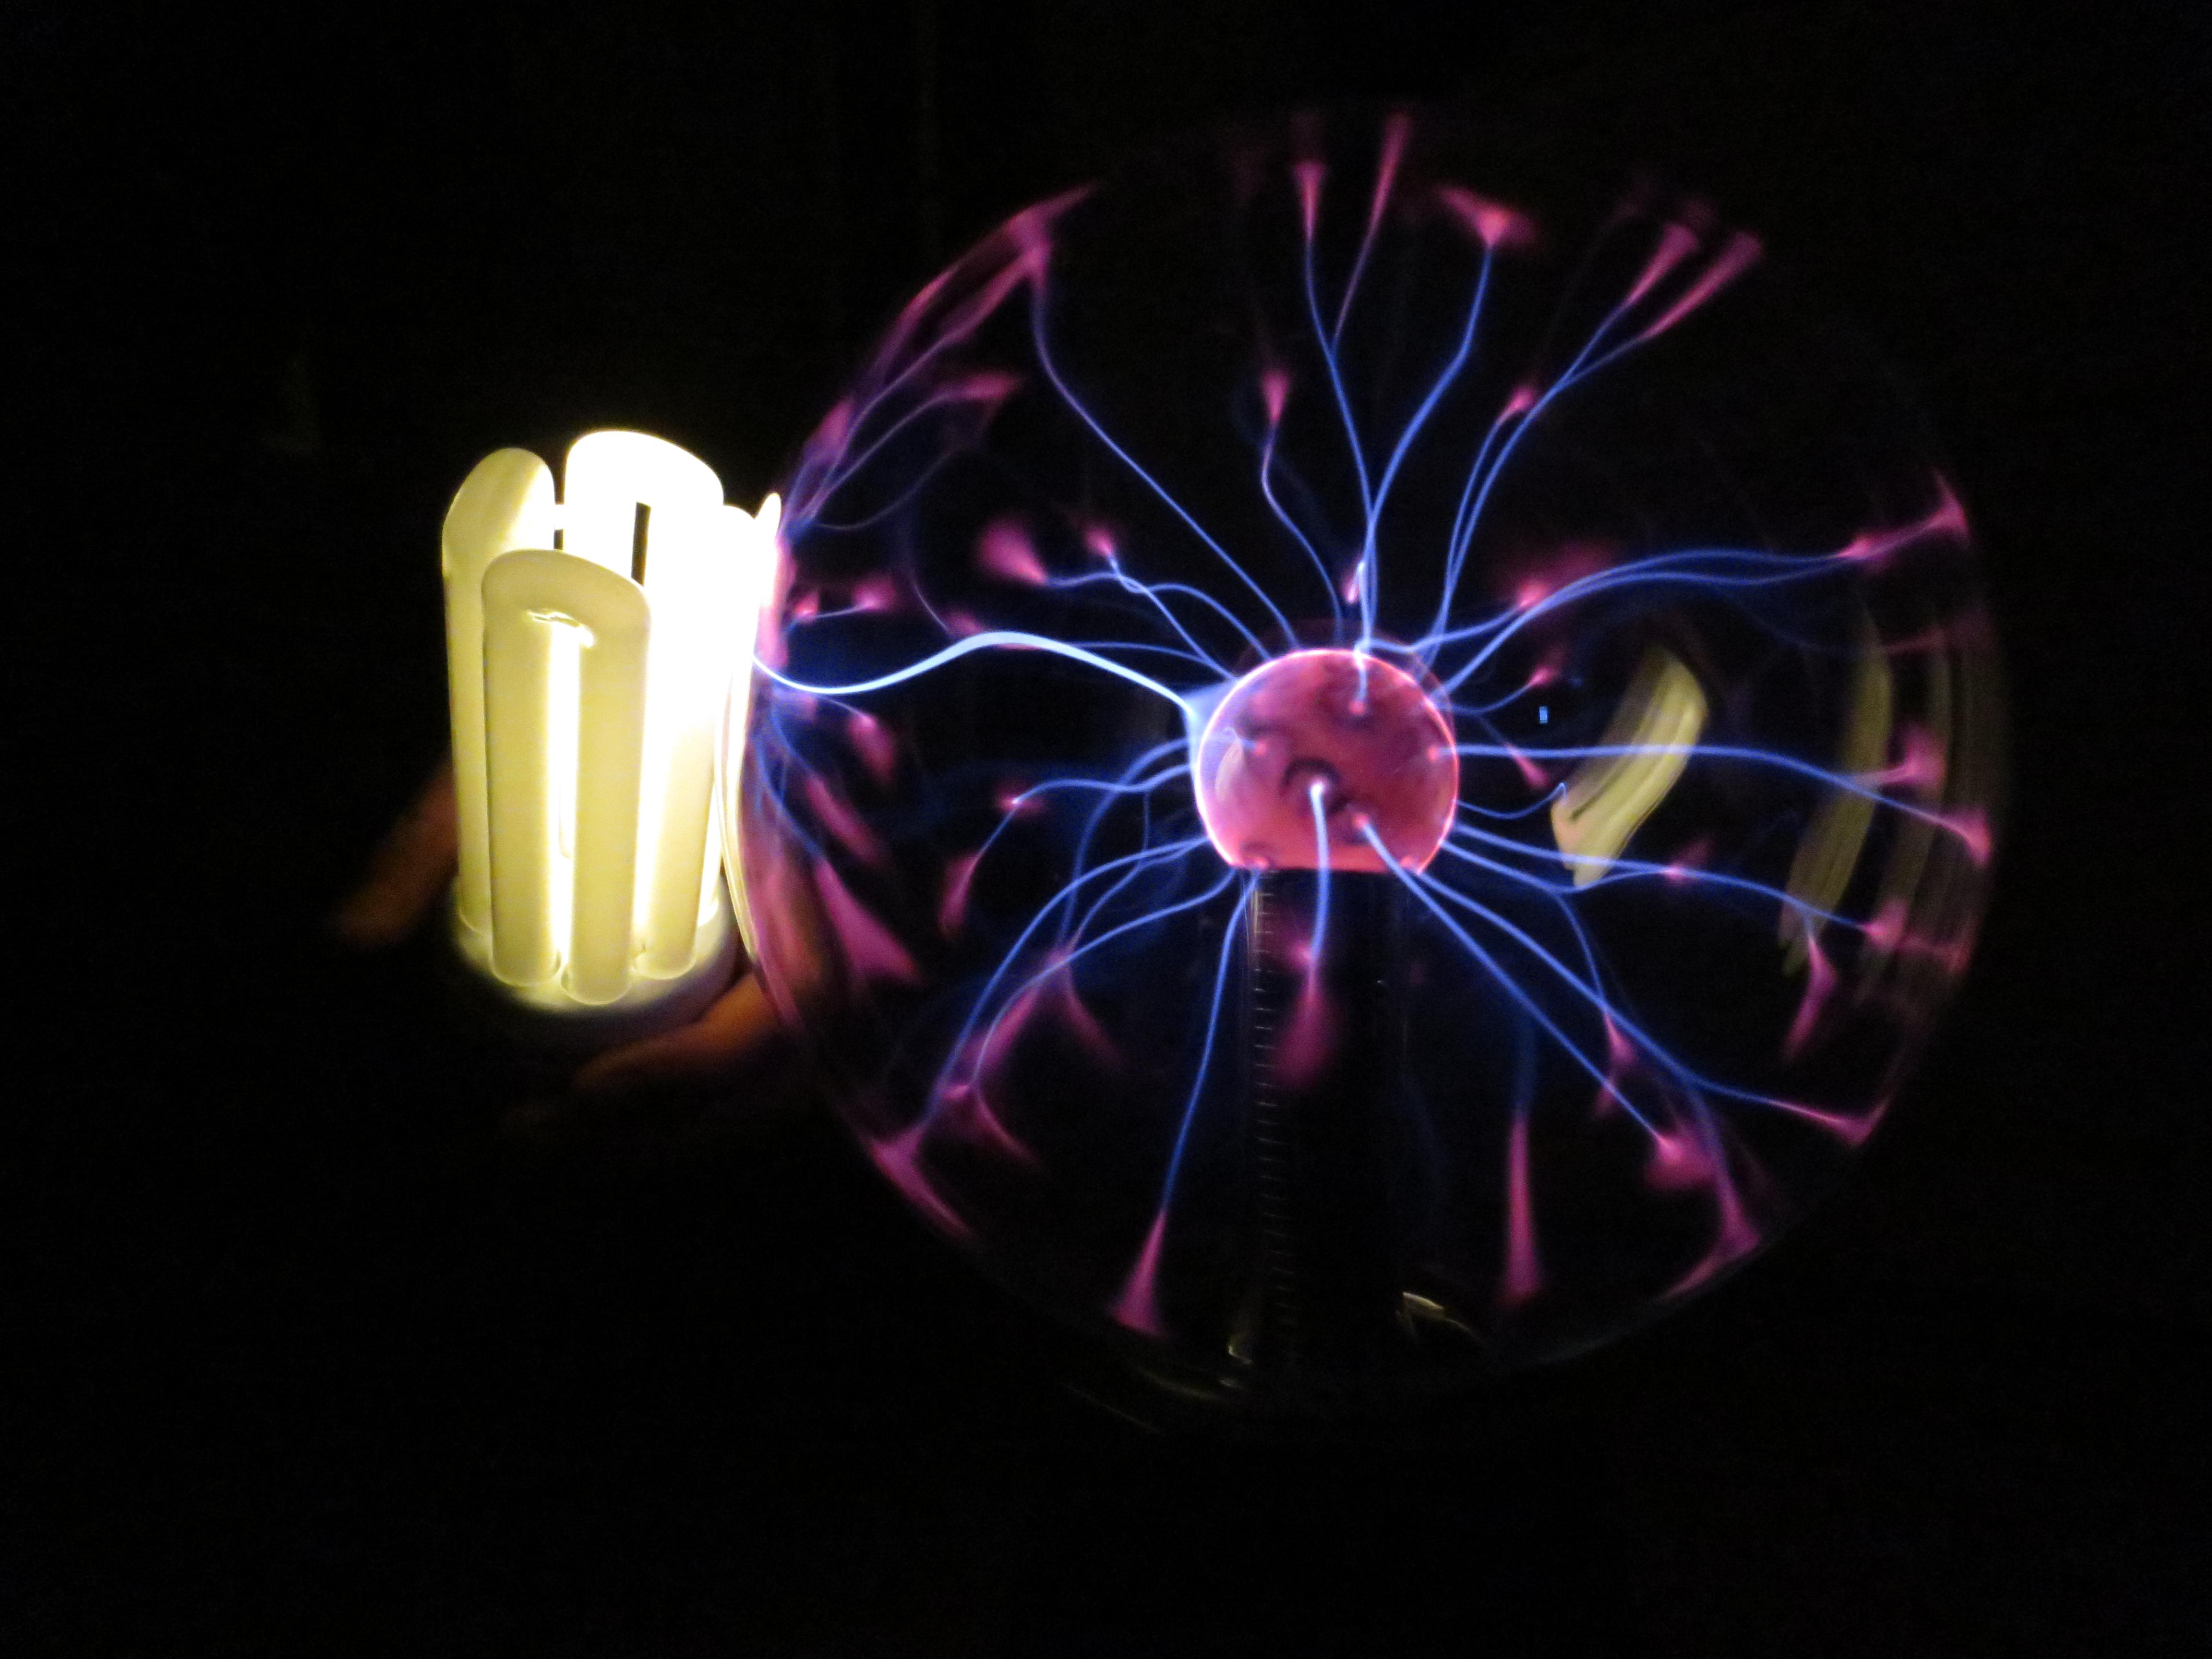 Plasma ball fun4